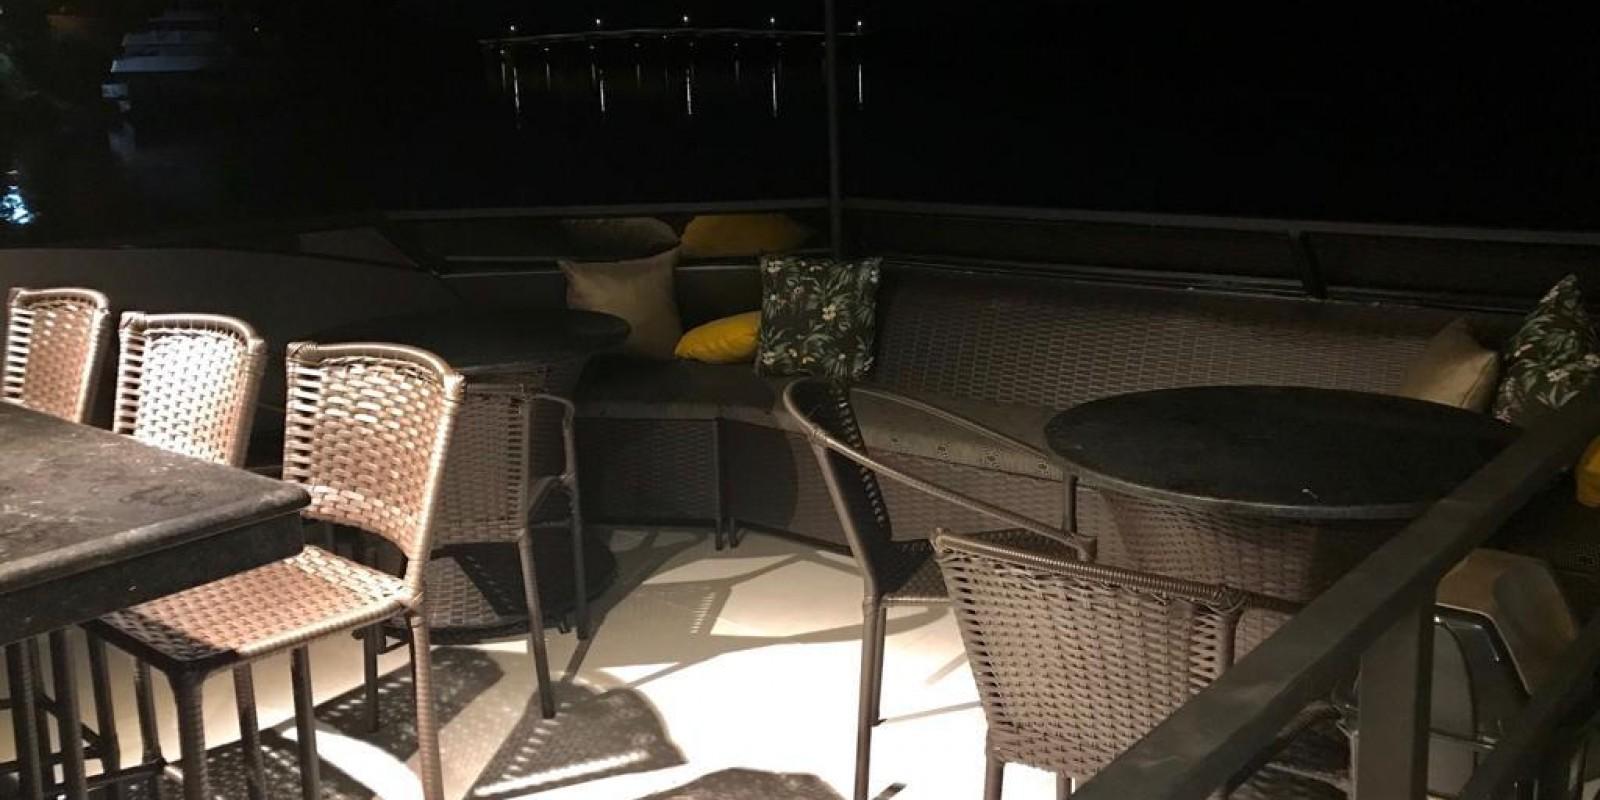 Barco Hotel Golden Fishing - 12 pessoas - Foto 12 de 17